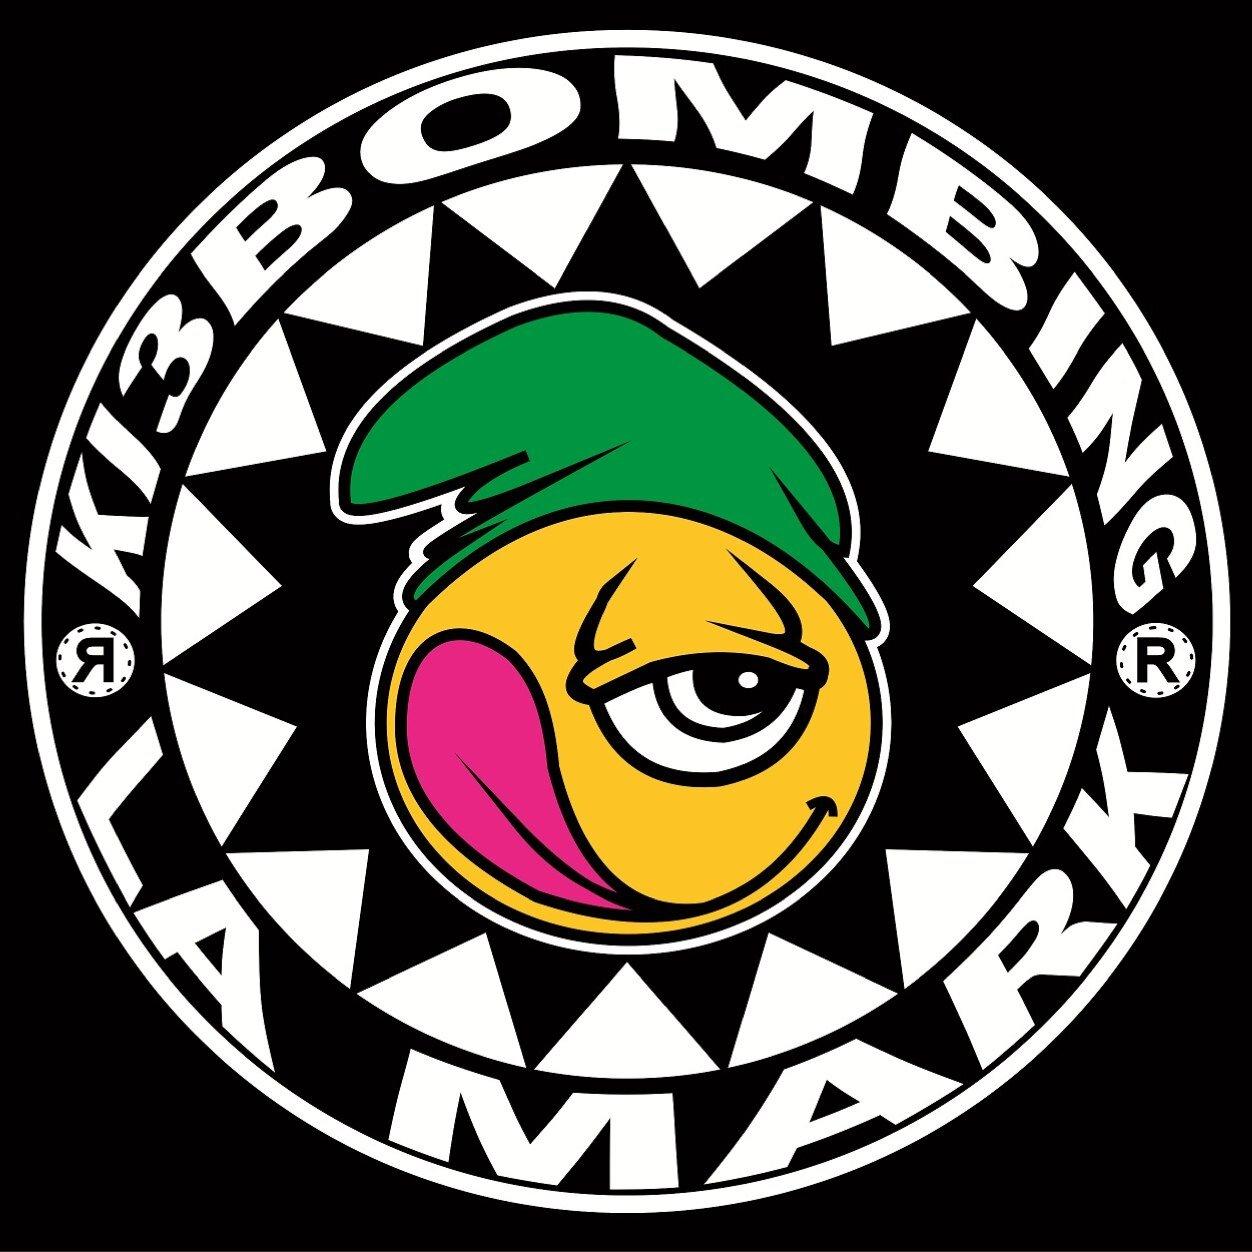 Ki3bombing La Mark ®